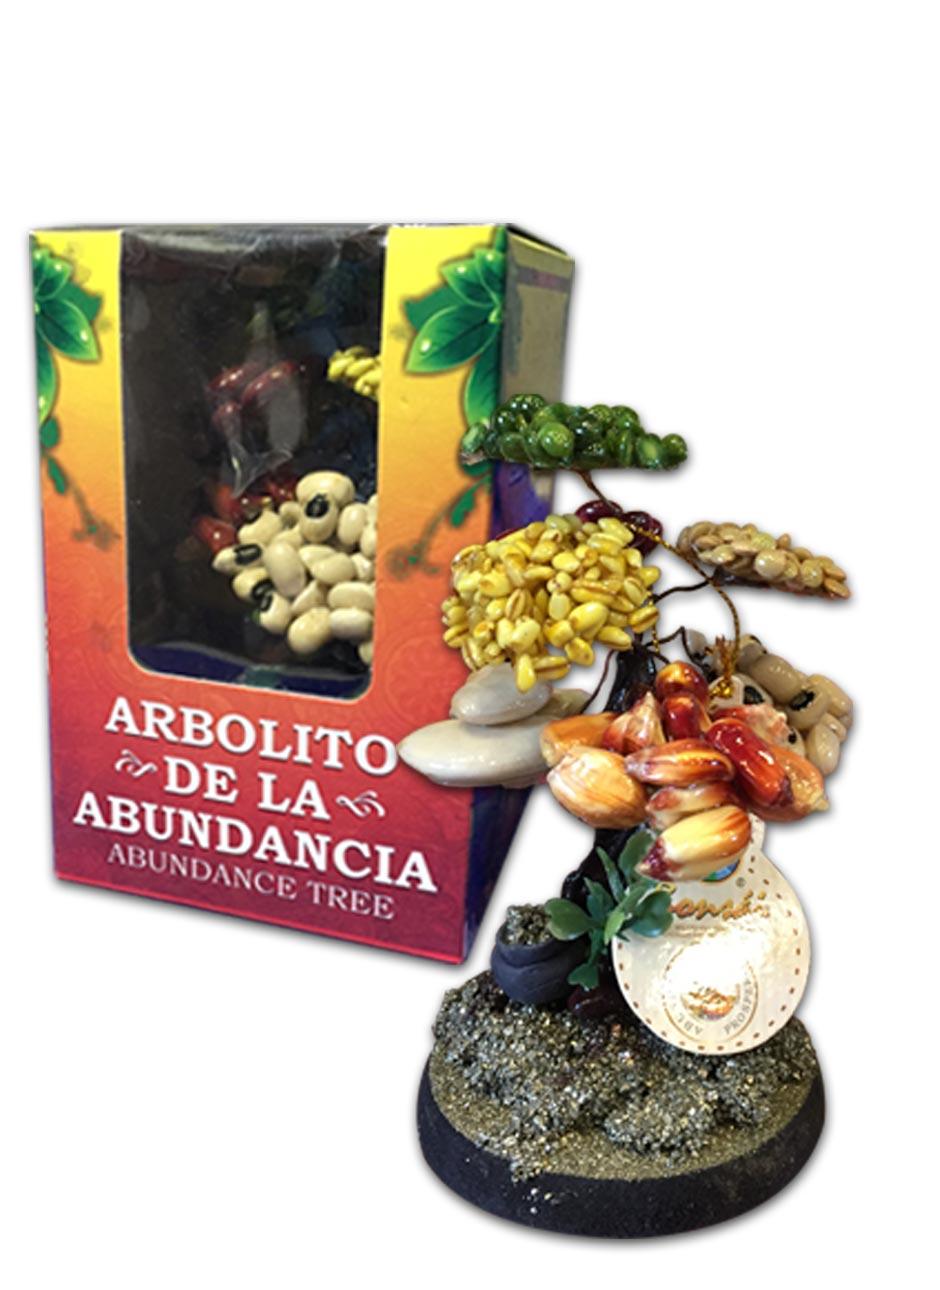 Bonsai de la Abundancia